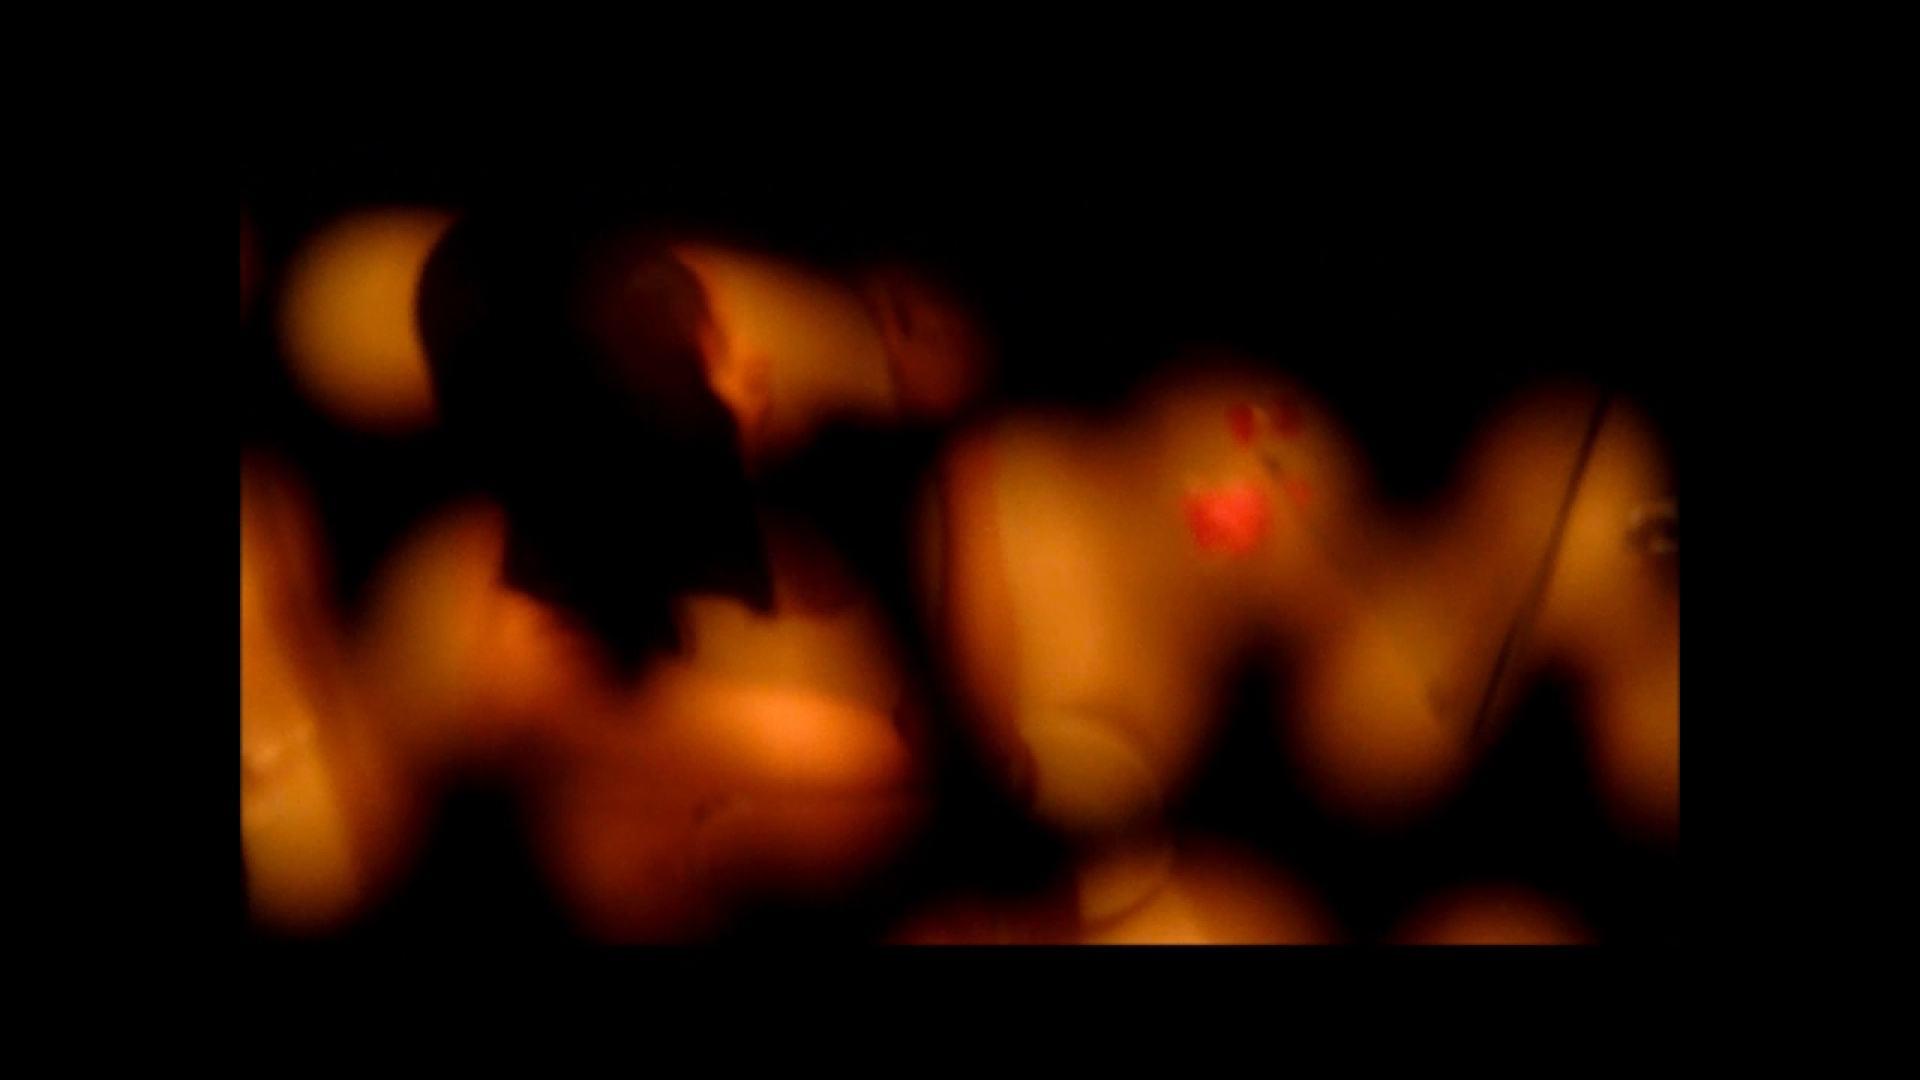 【02】ベランダに侵入して張り込みを始めて・・・やっと結果が出ました。 家宅侵入 | 0  82画像 81